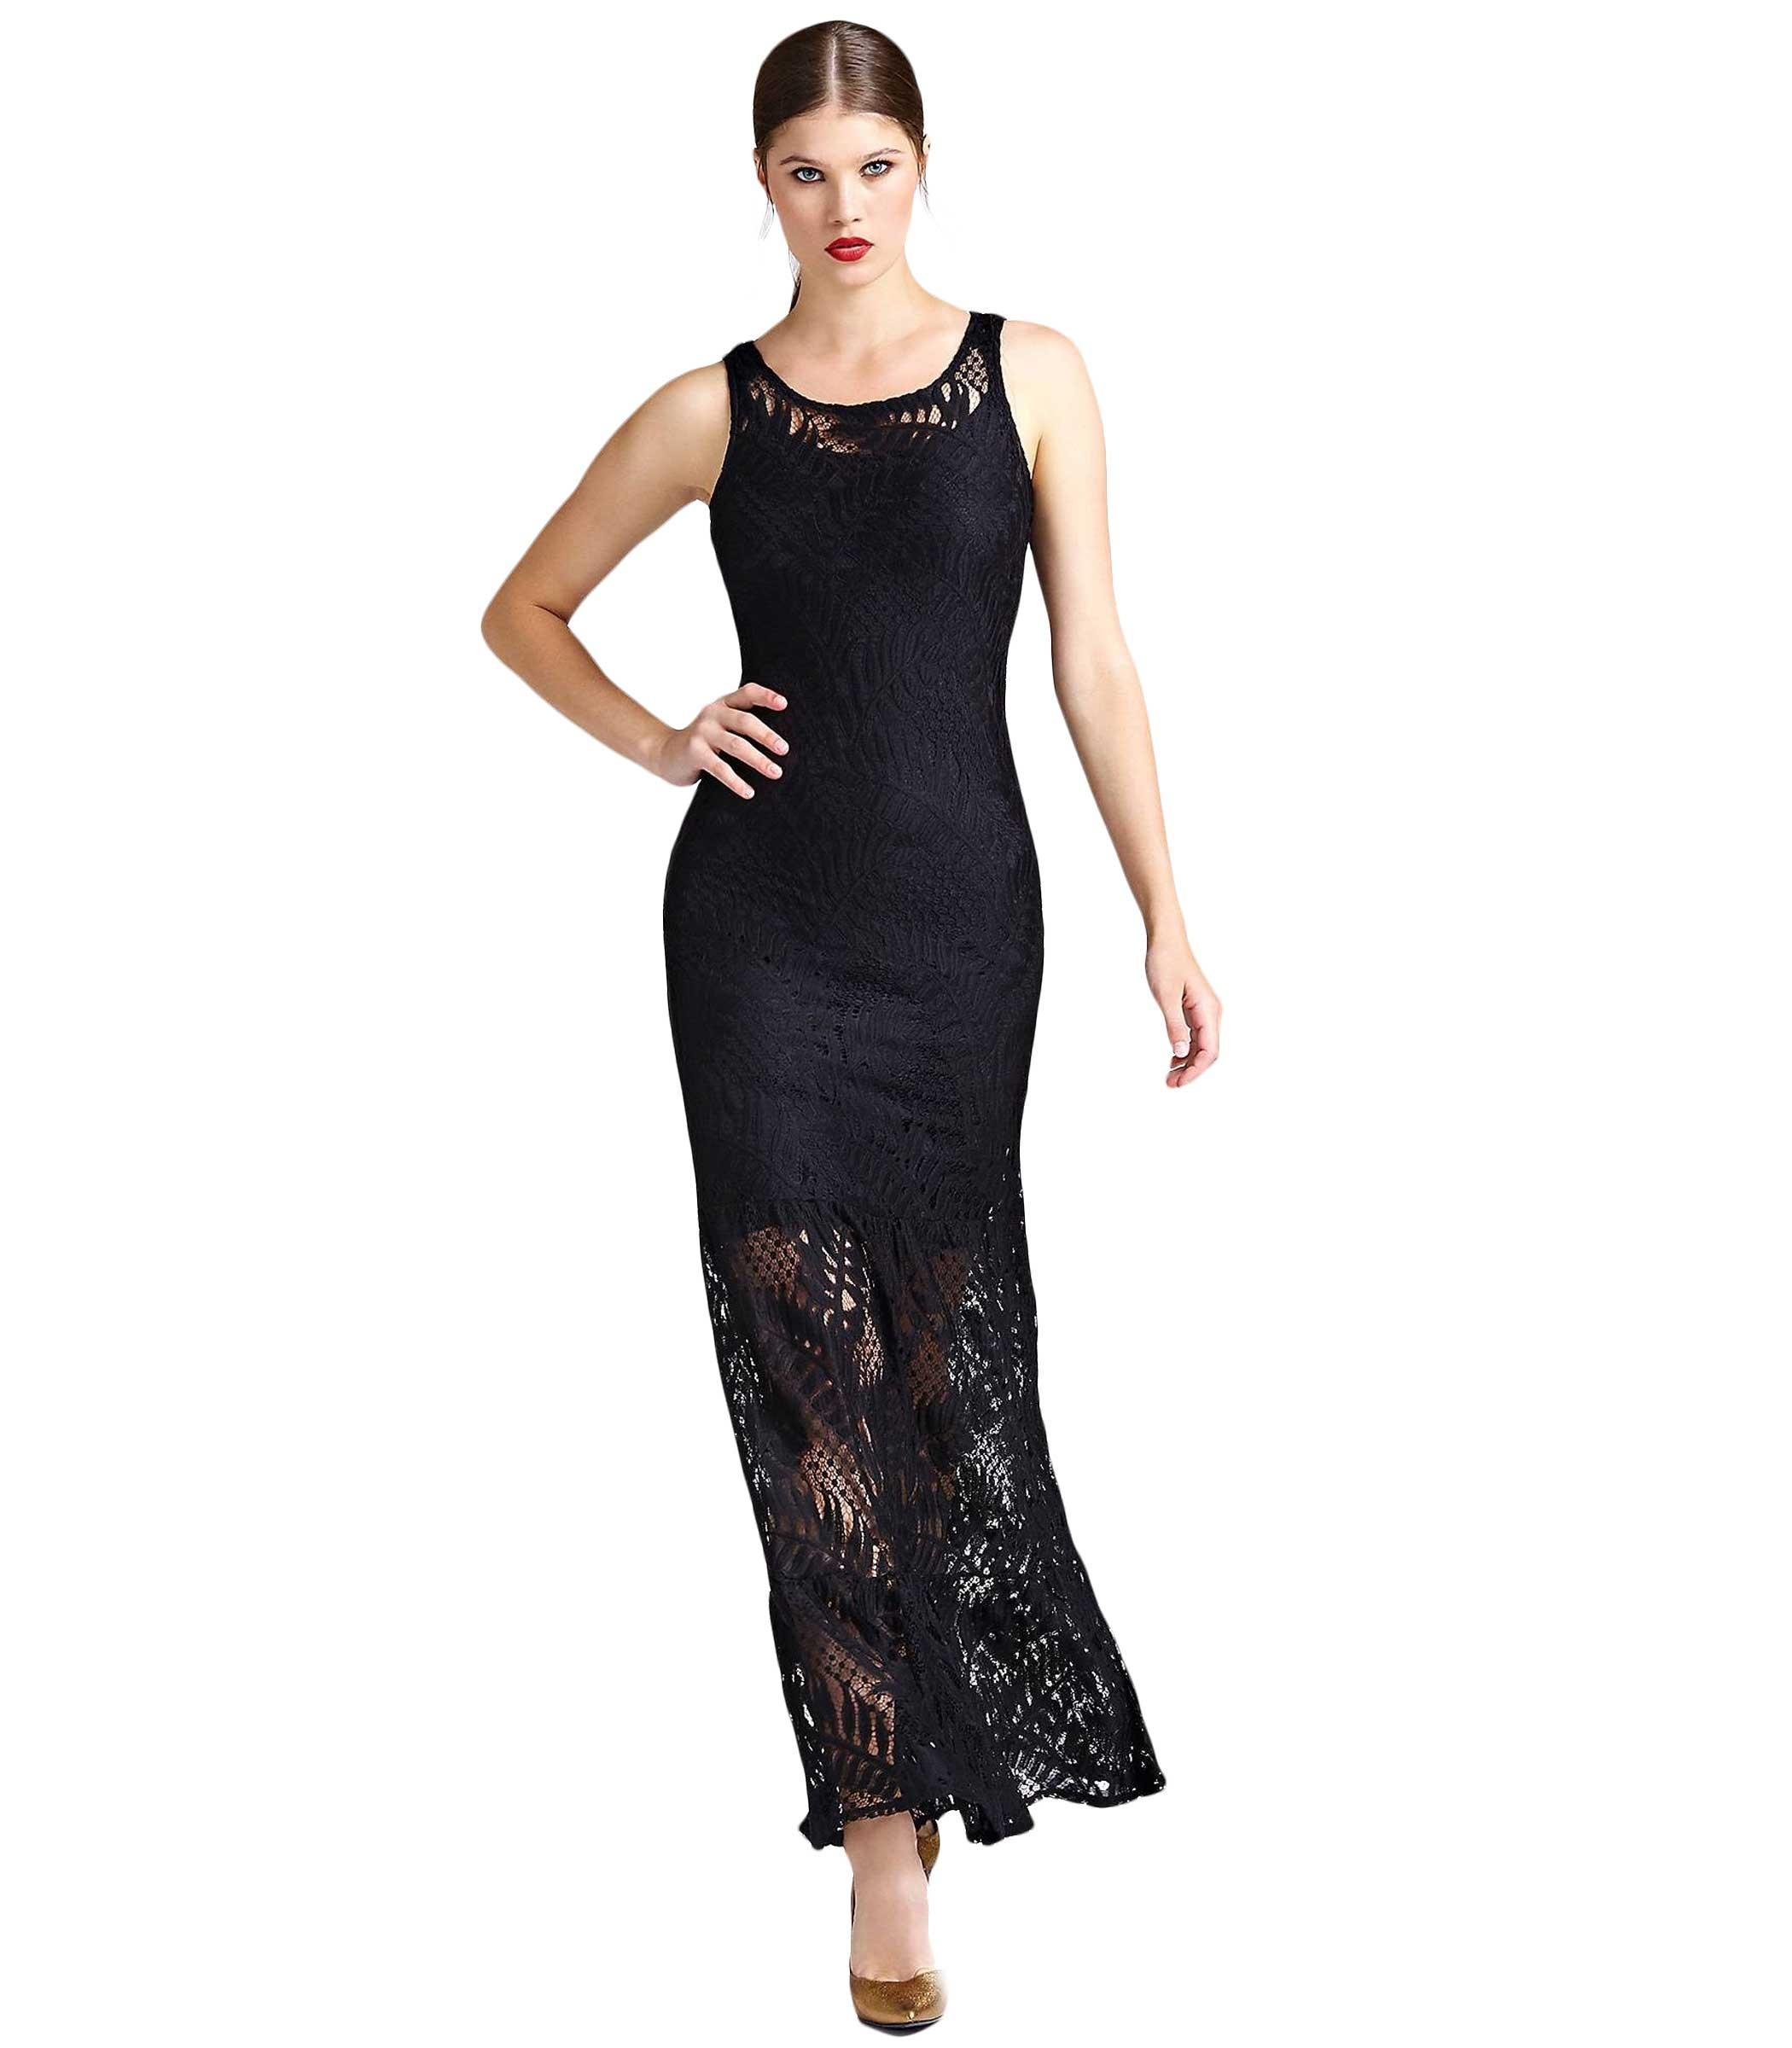 buy popular 97ea5 45cb8 Vestito Abito GUESS in pizzo dettaglio trasparente donna ...